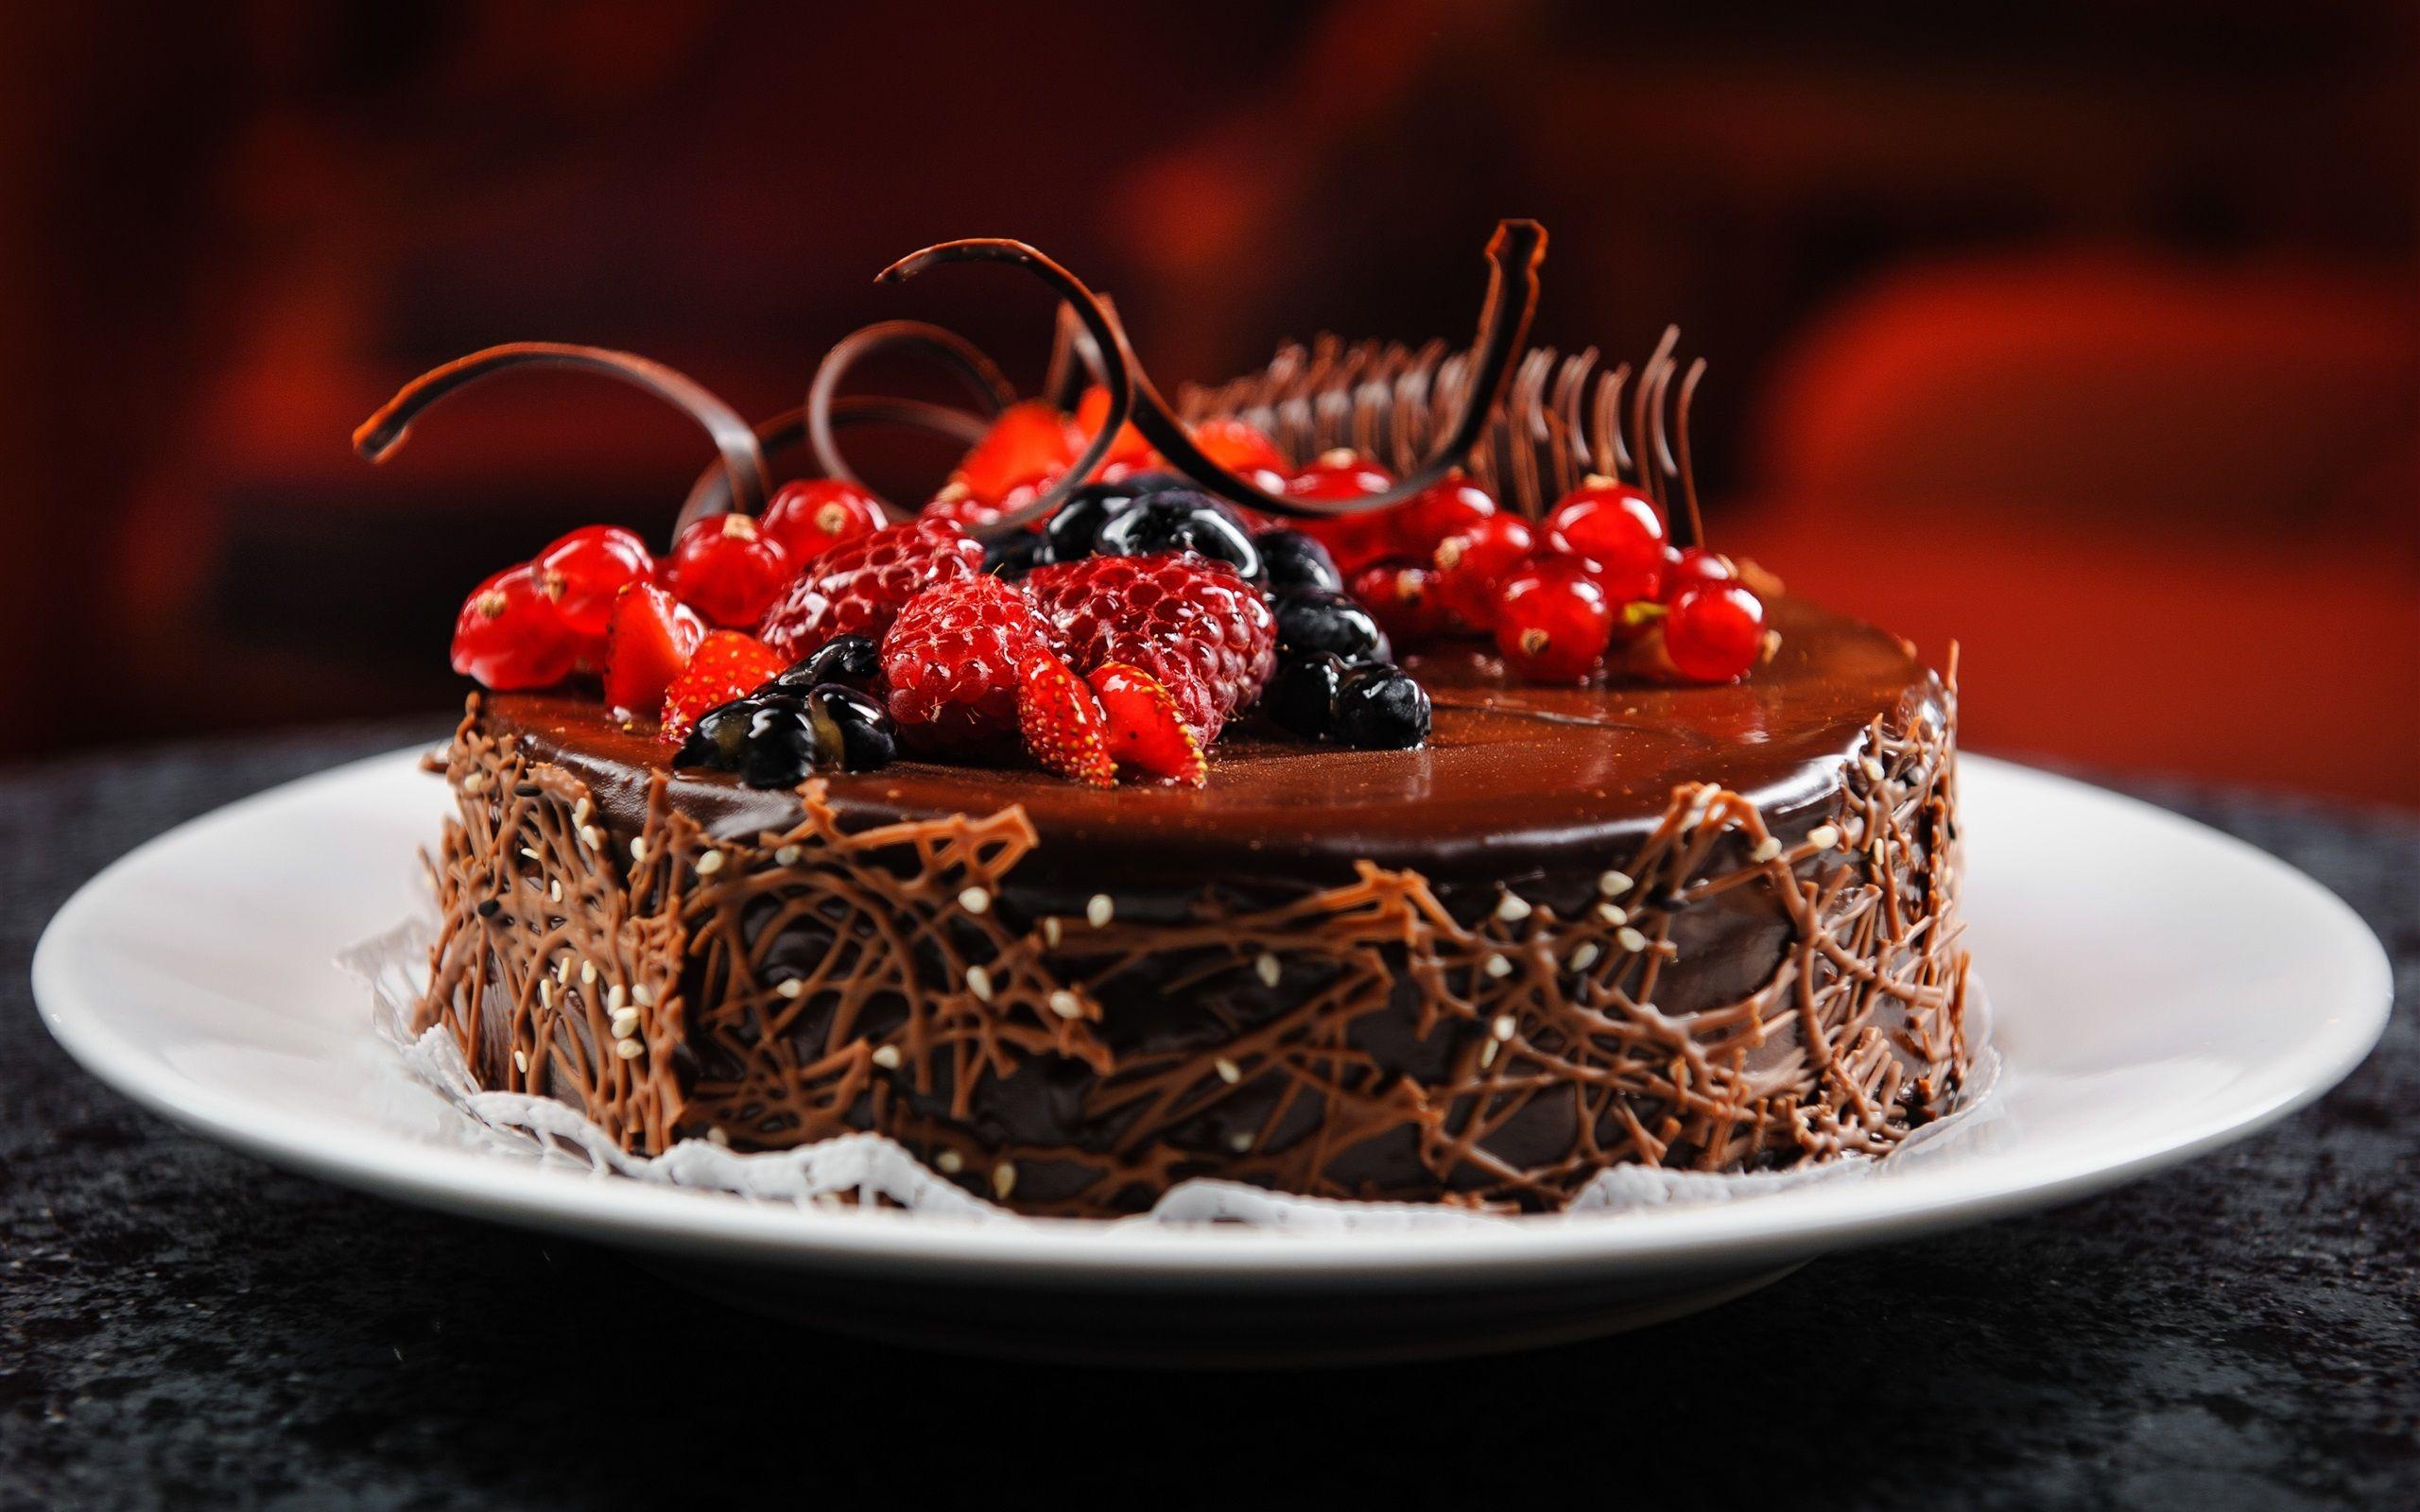 チョコレートケーキ ベリー ラズベリー ブルーベリー スグリ